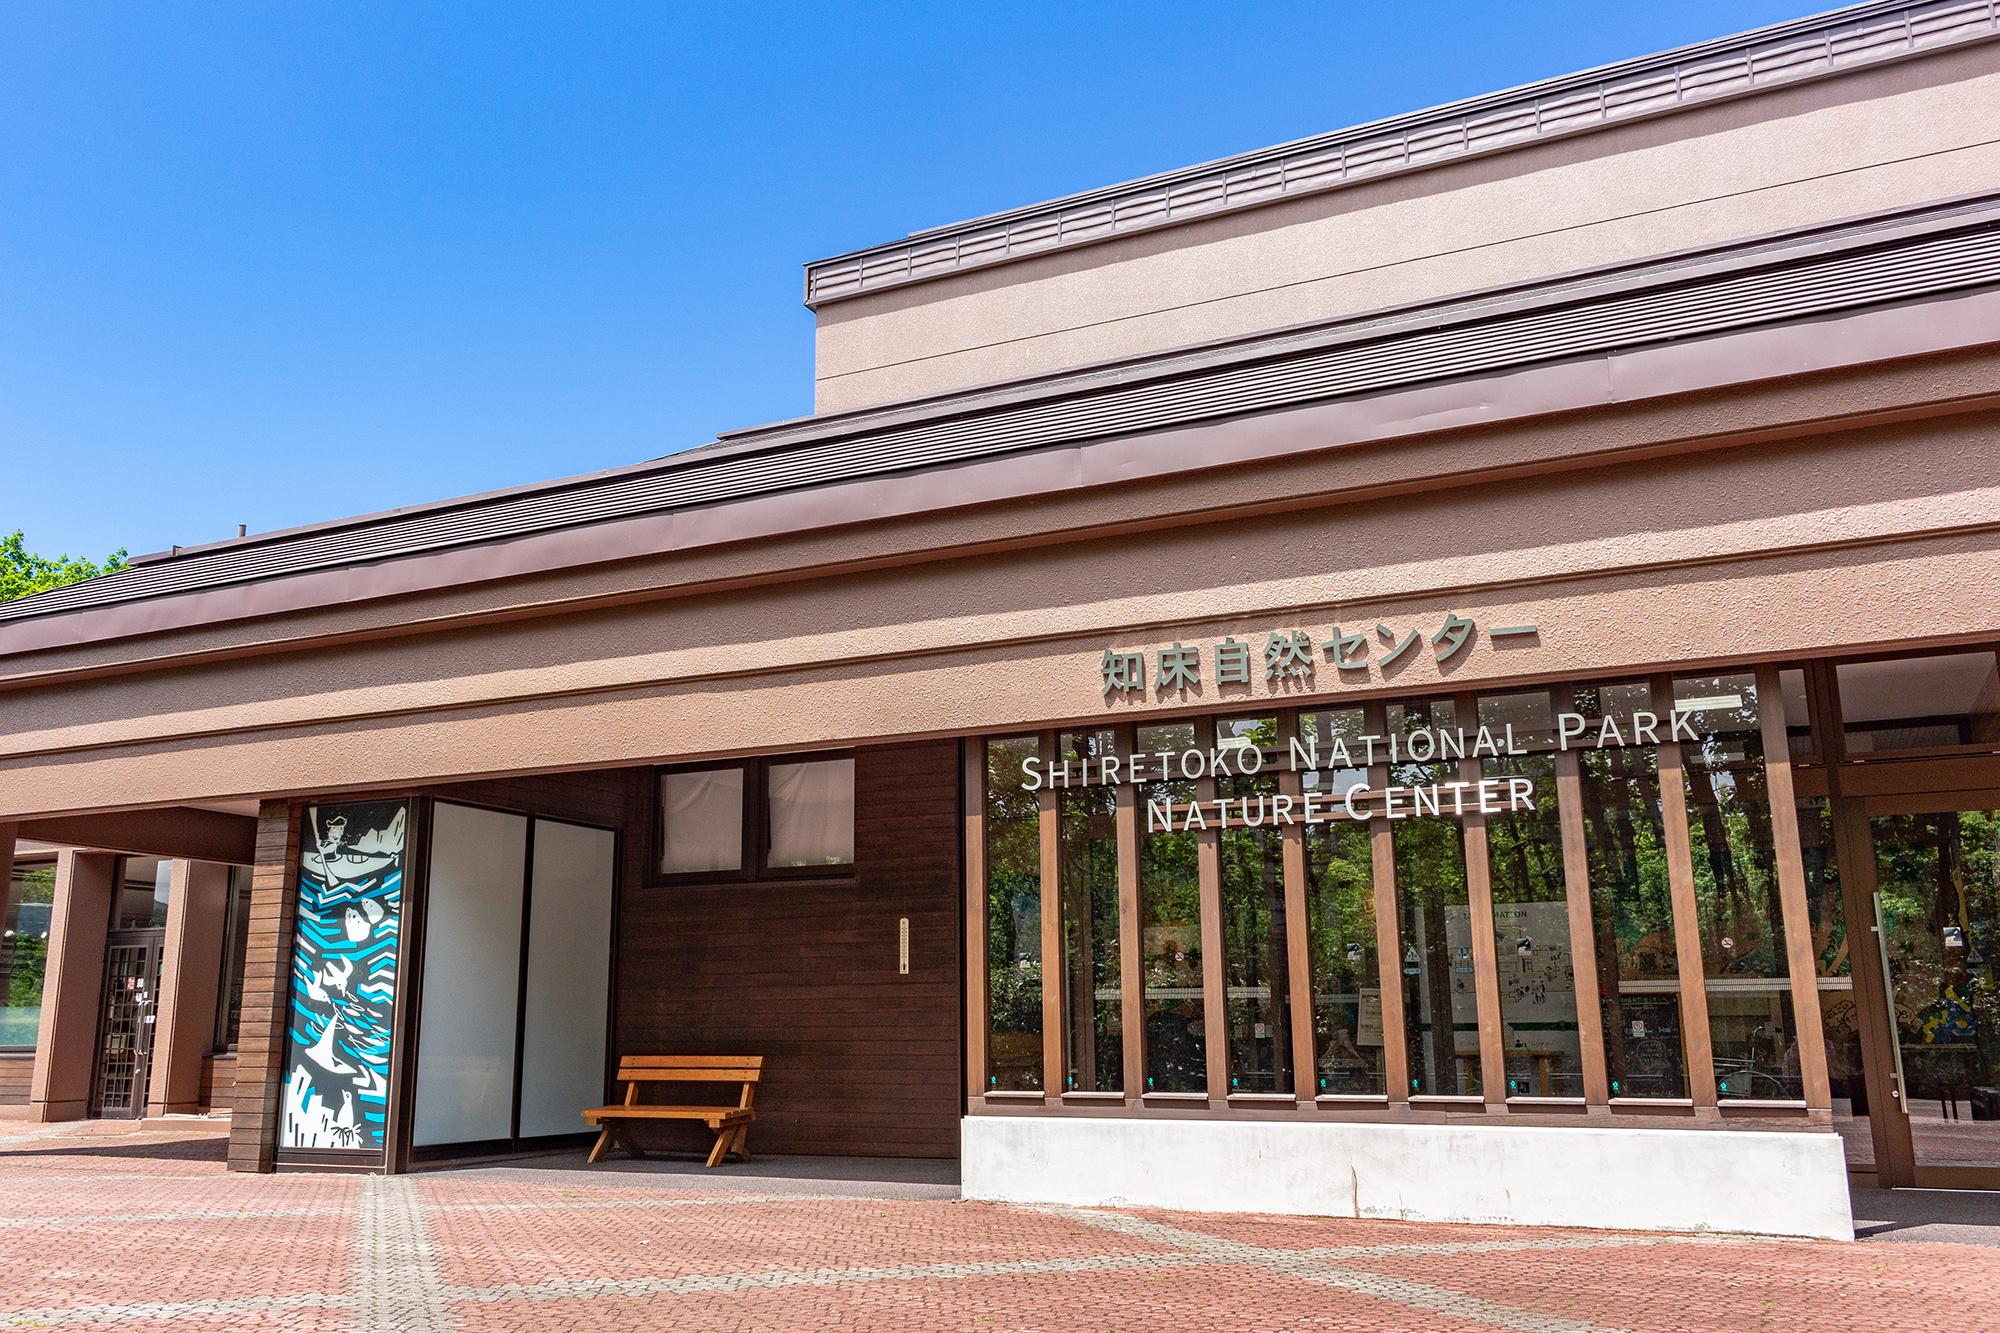 Shiretoko Nature Center